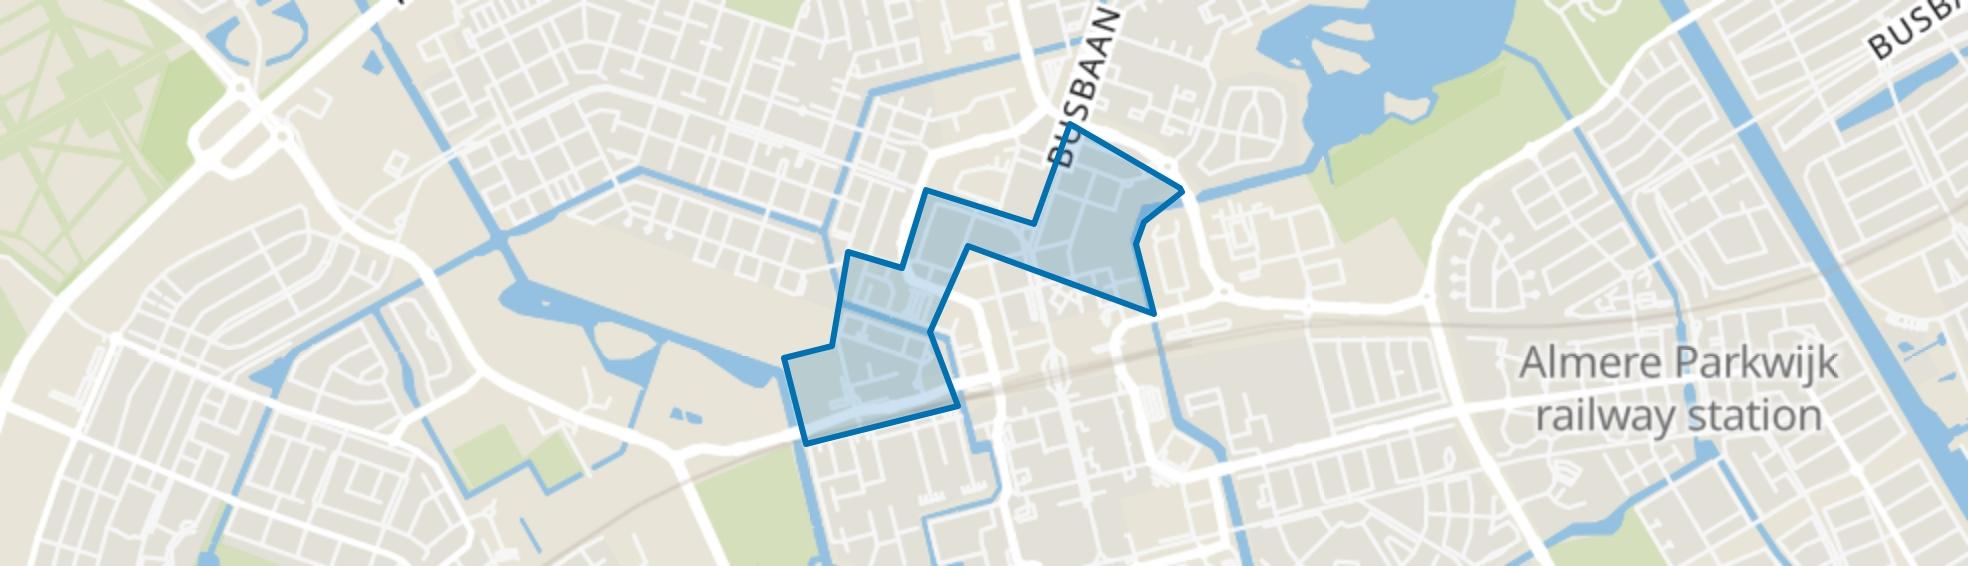 Staatsliedenwijk, Almere map